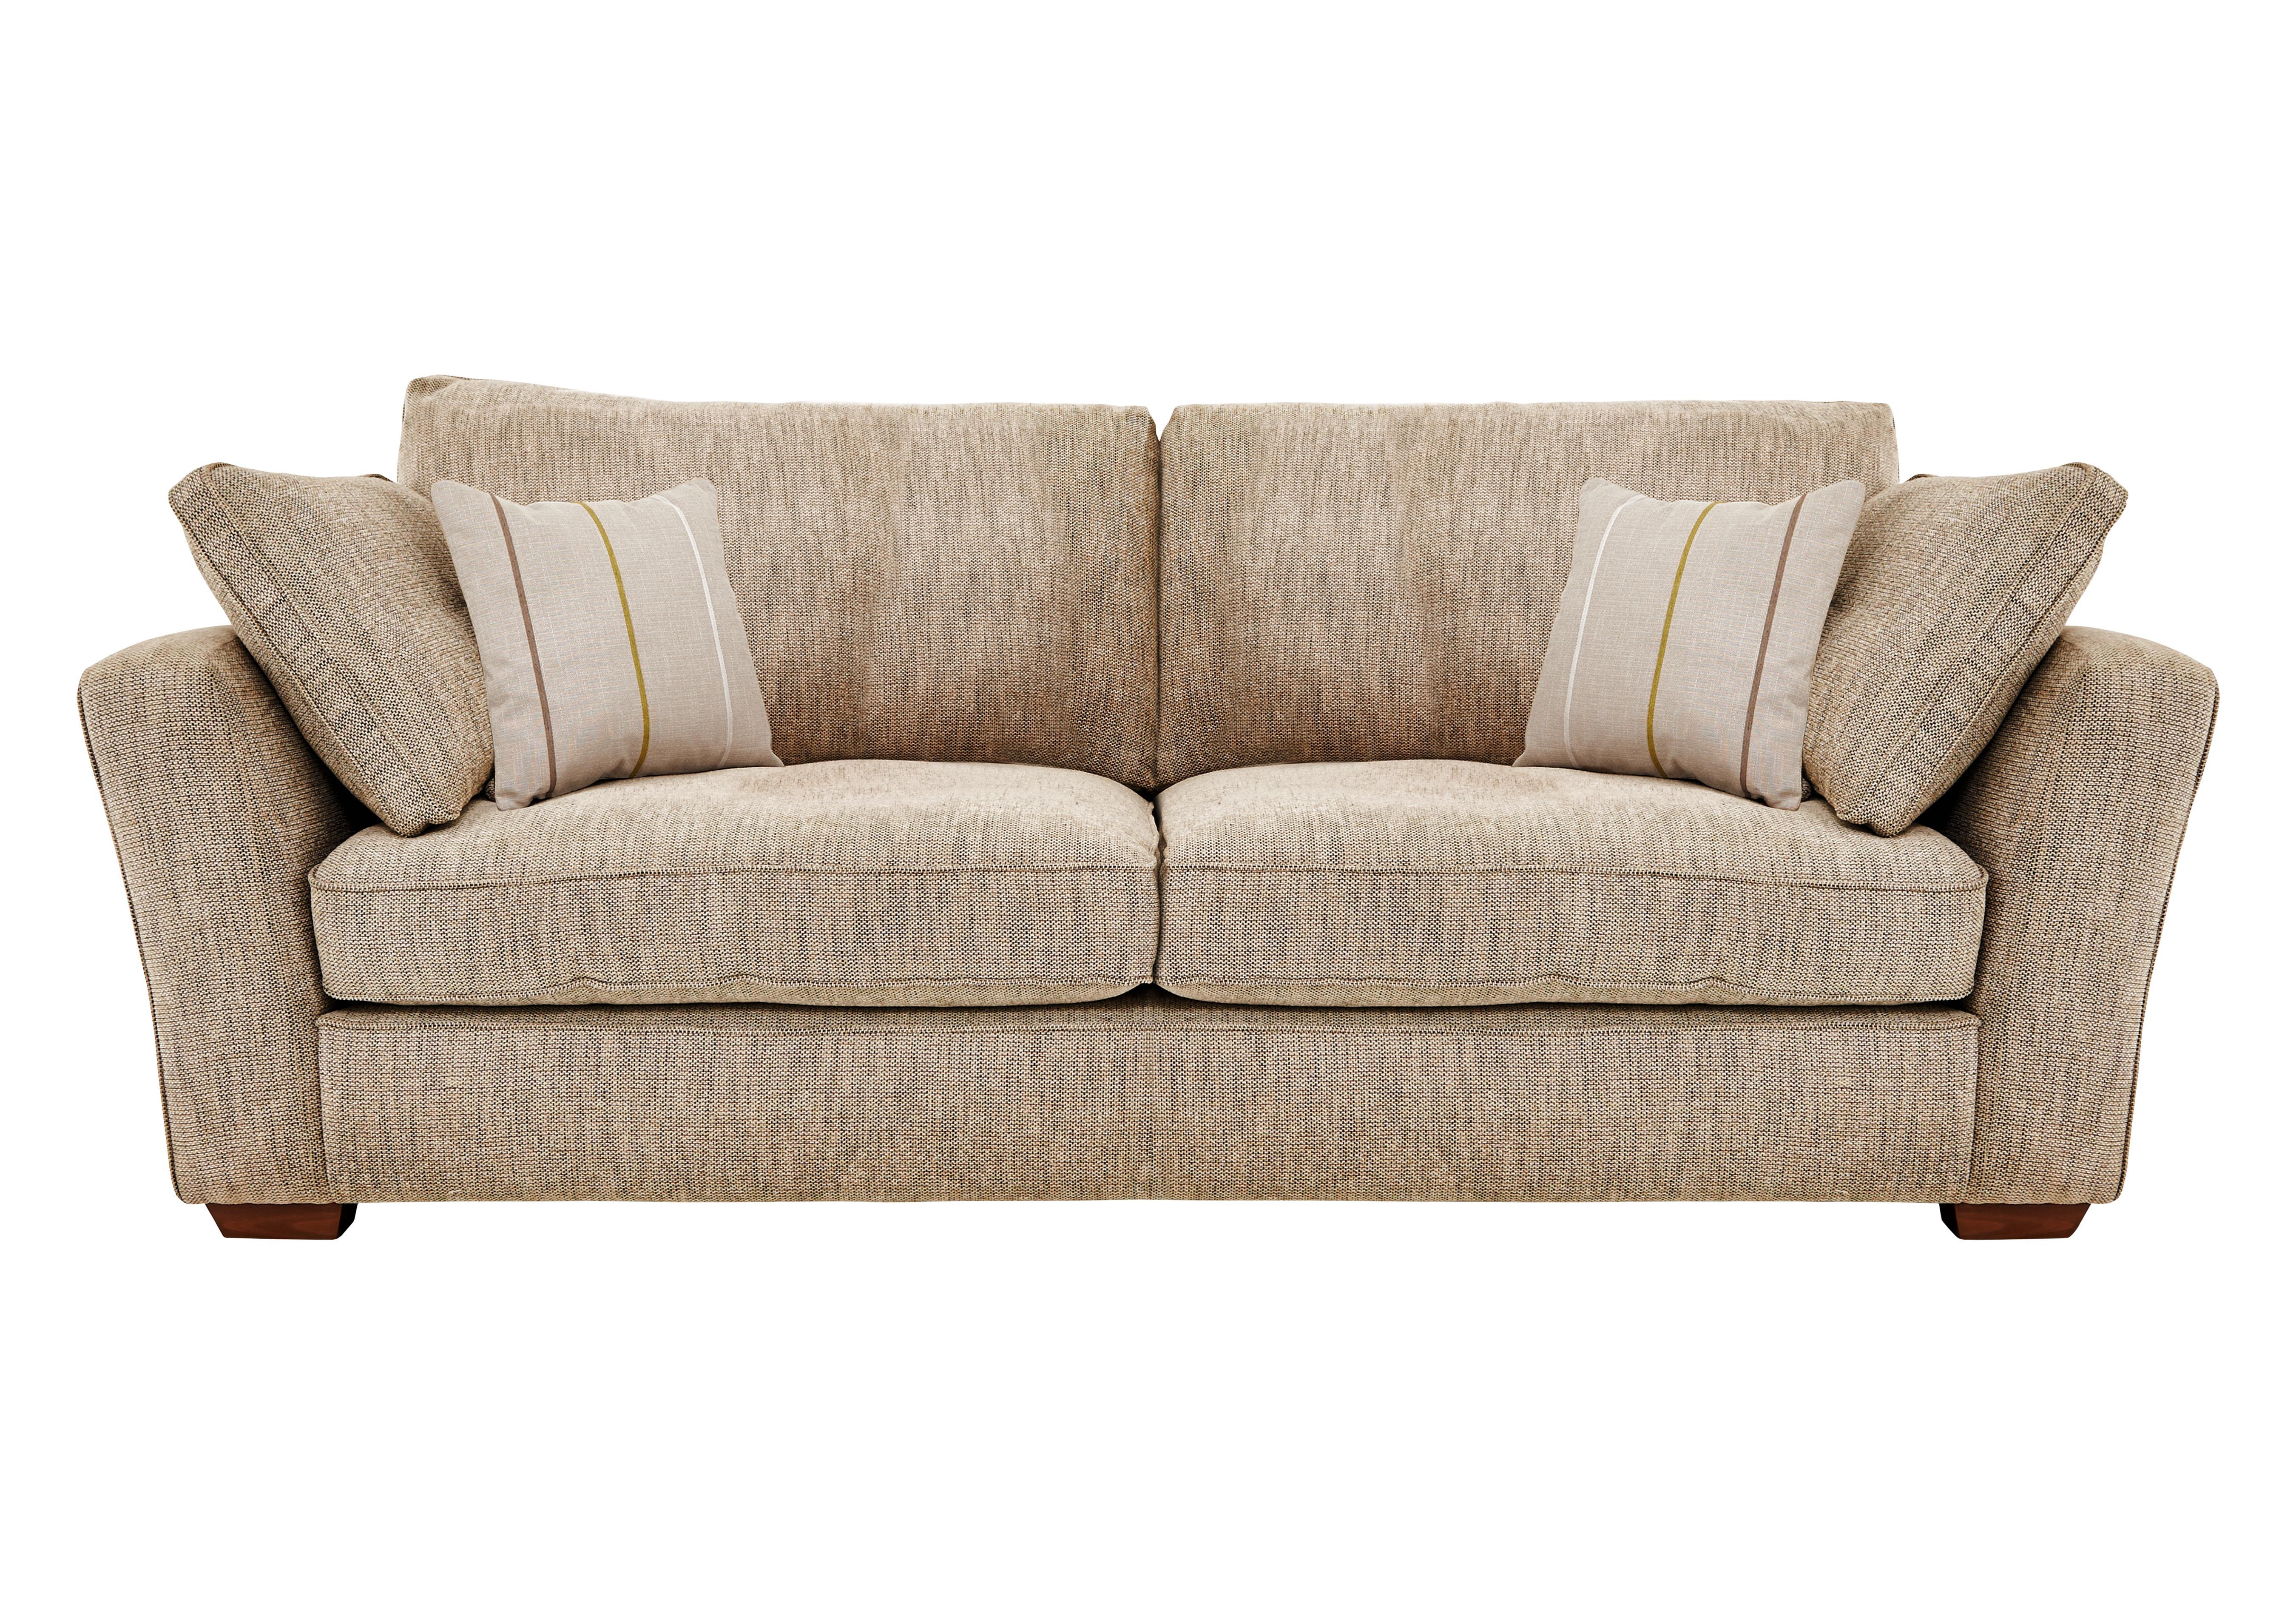 Furniture Village Sofas furniture village sofas fabric | good sofa beds green